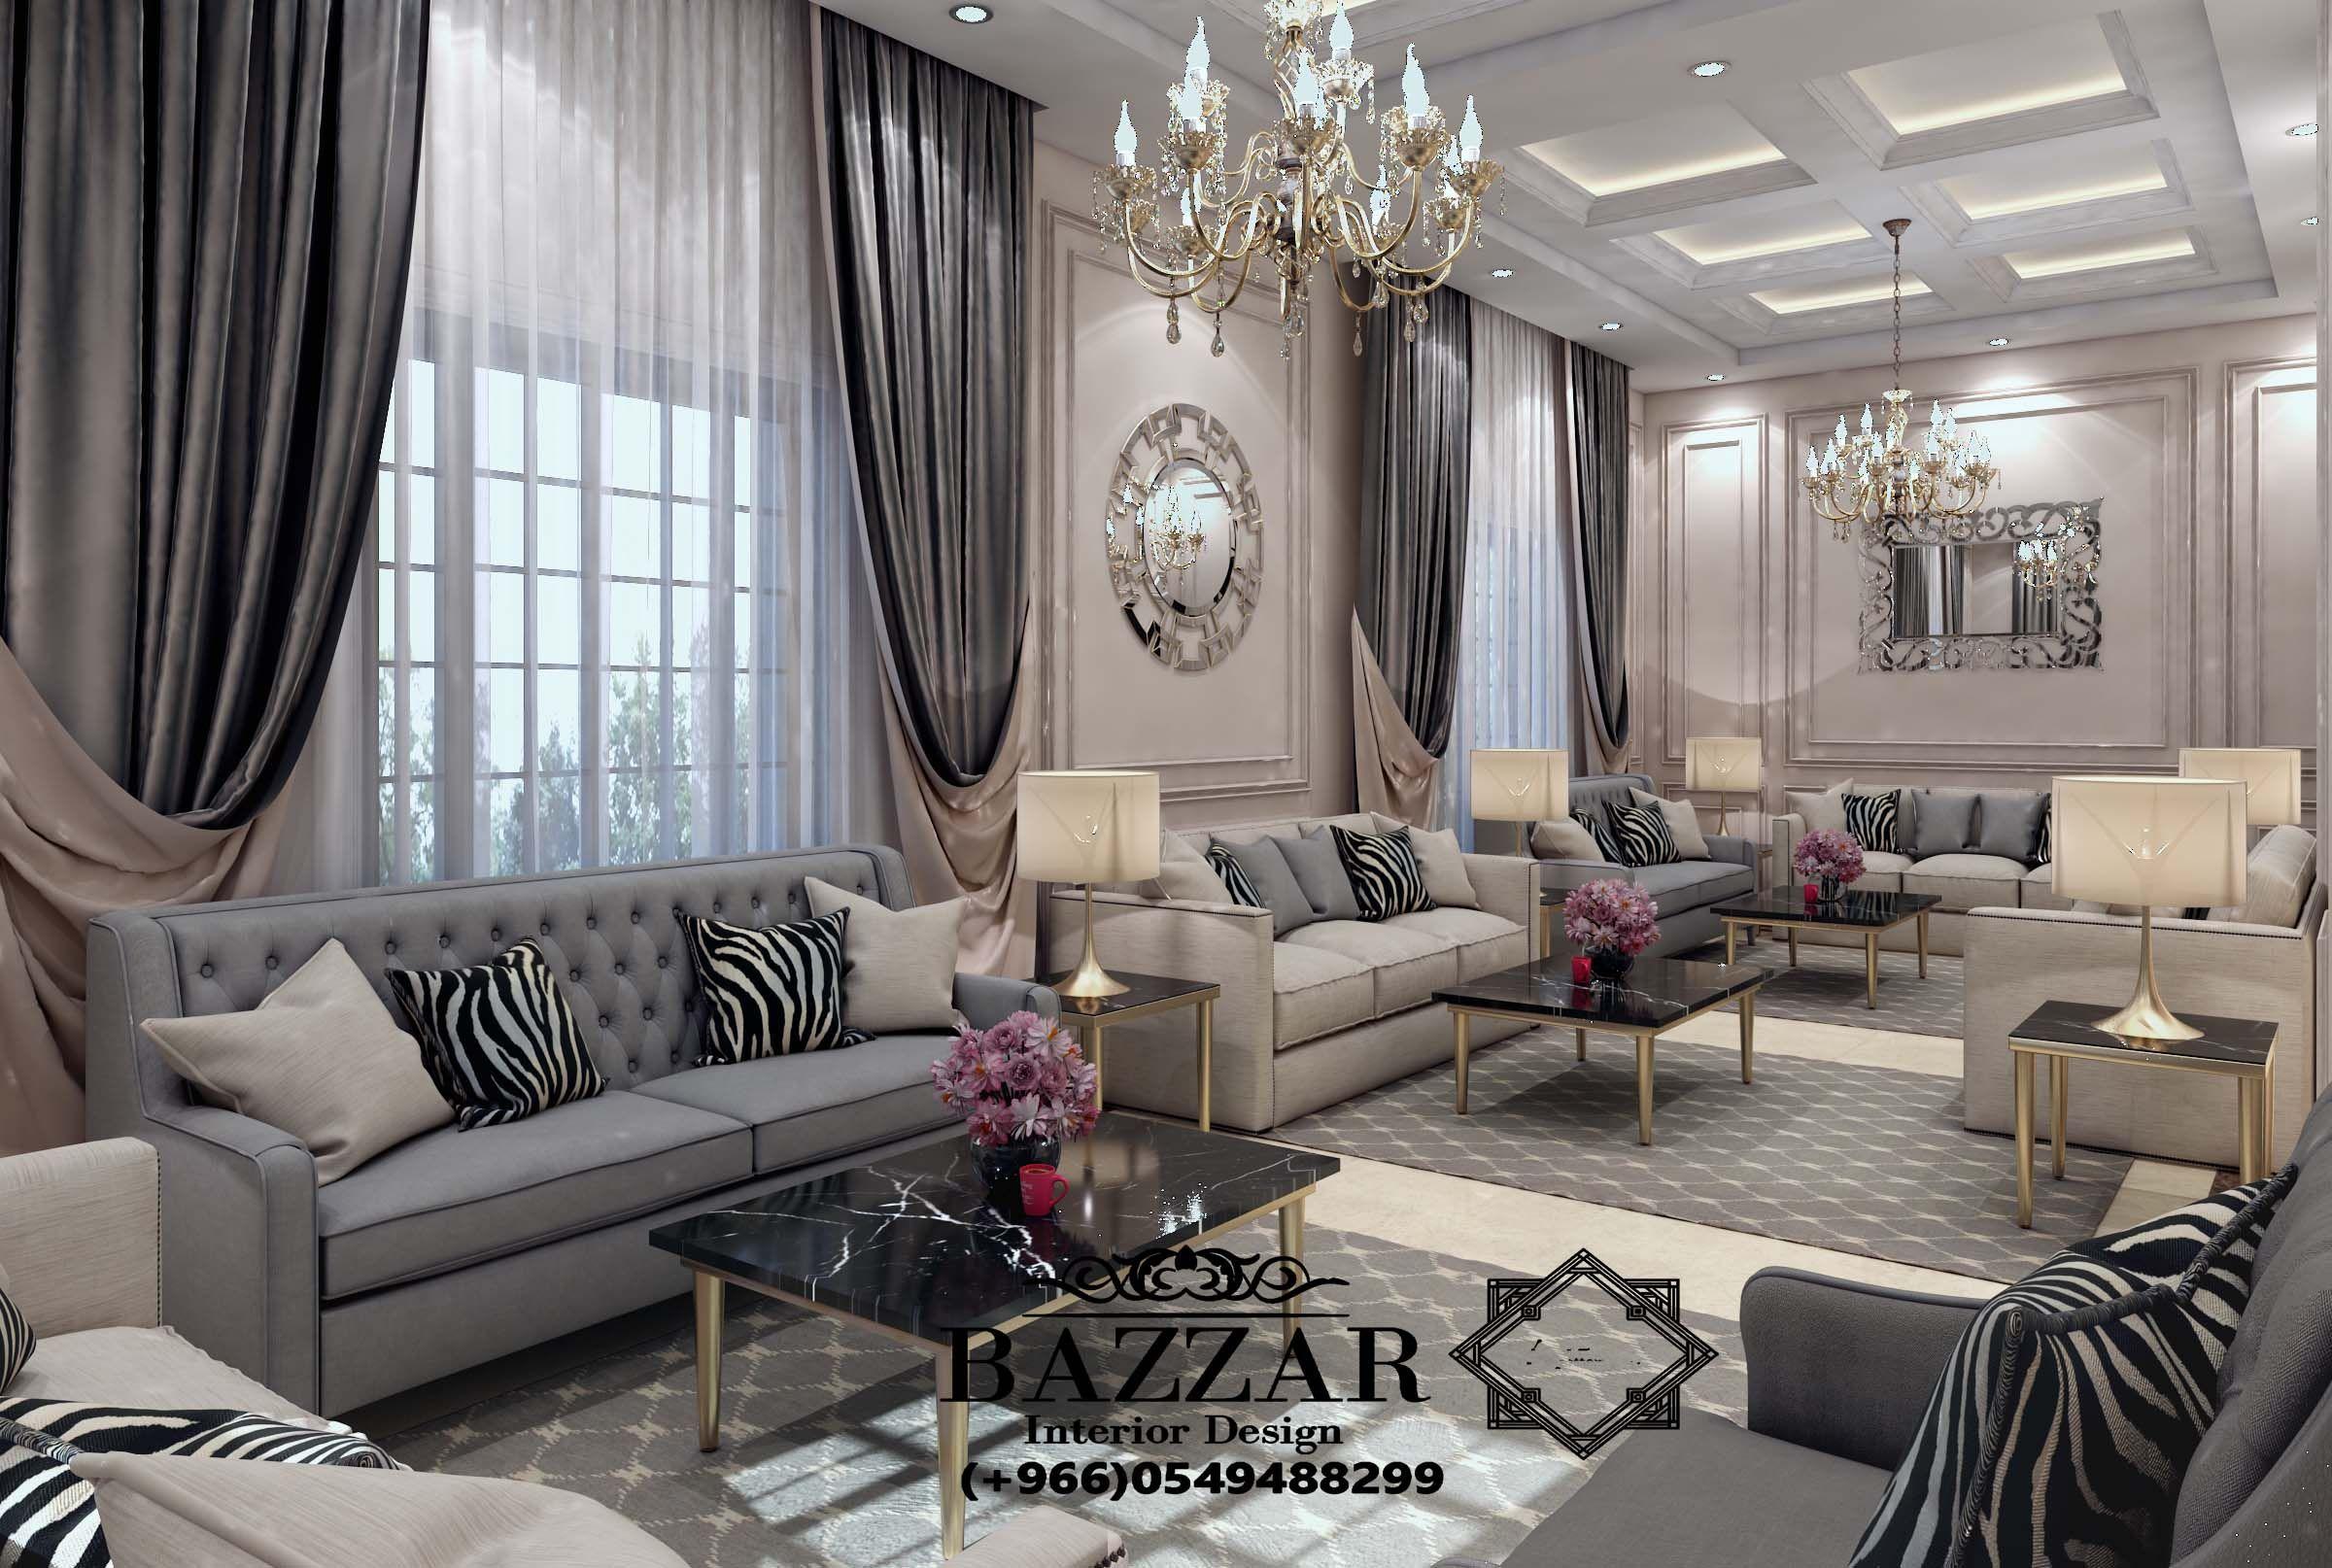 مجلس رجال بازار للتصميم الداخلي و الديكور Big Living Room Design Home Design Living Room Home Room Design